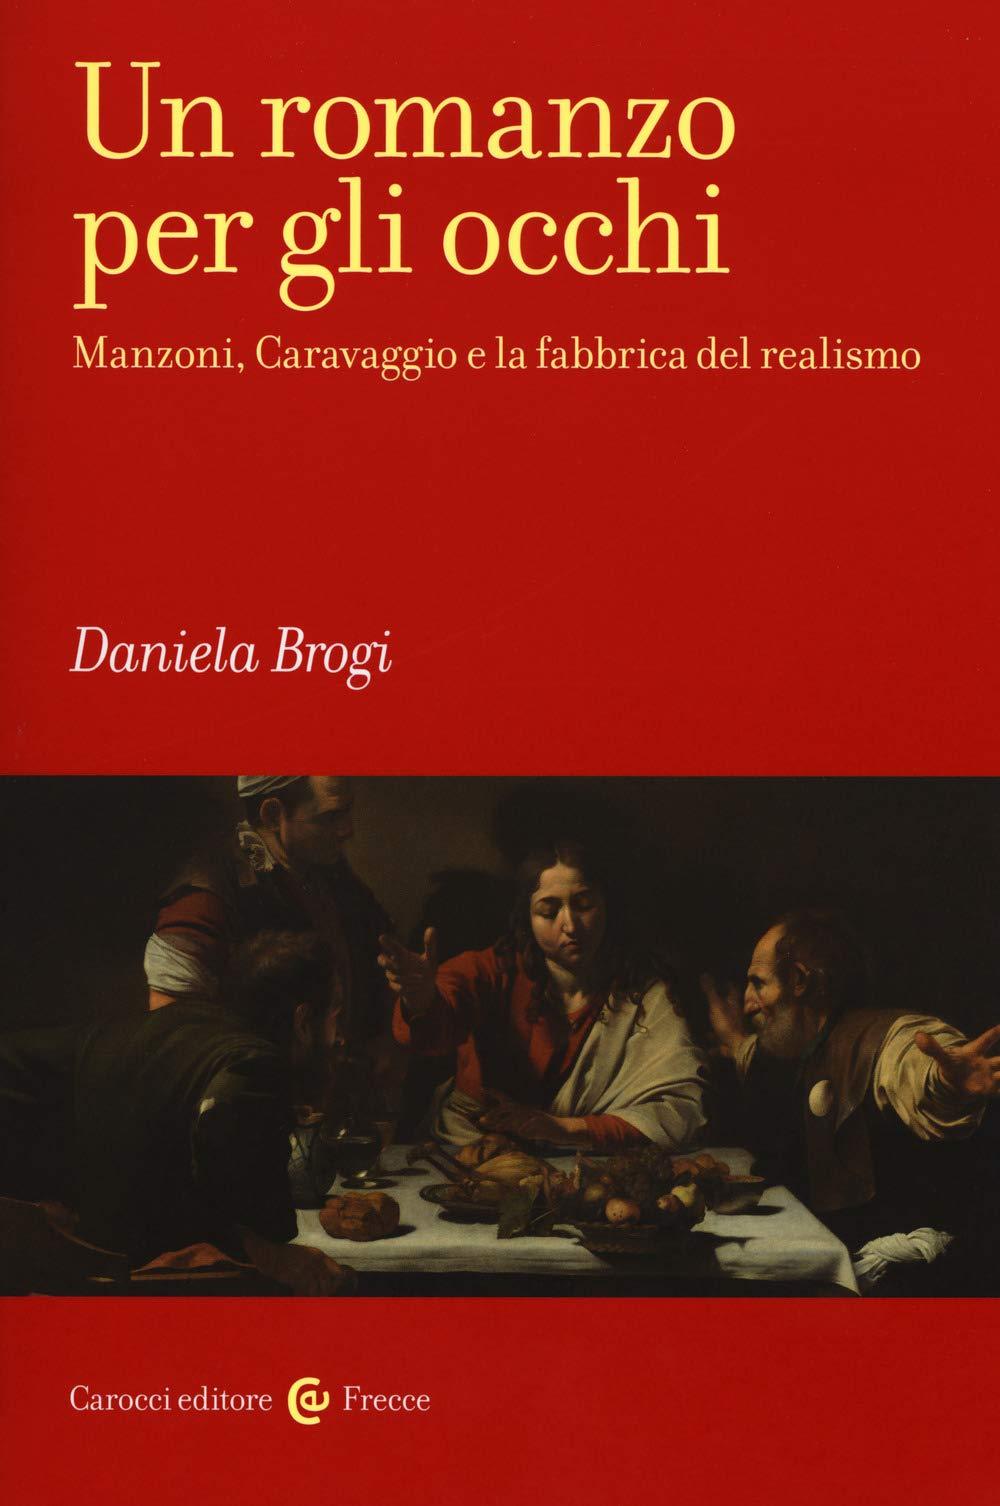 <p>La copertina del volume <em>Un romanzo per gli occhi Manzoni, Caravaggio e la fabbrica del realismo</em>, di Daniela Brogi, edito da Carocci Editore</p>